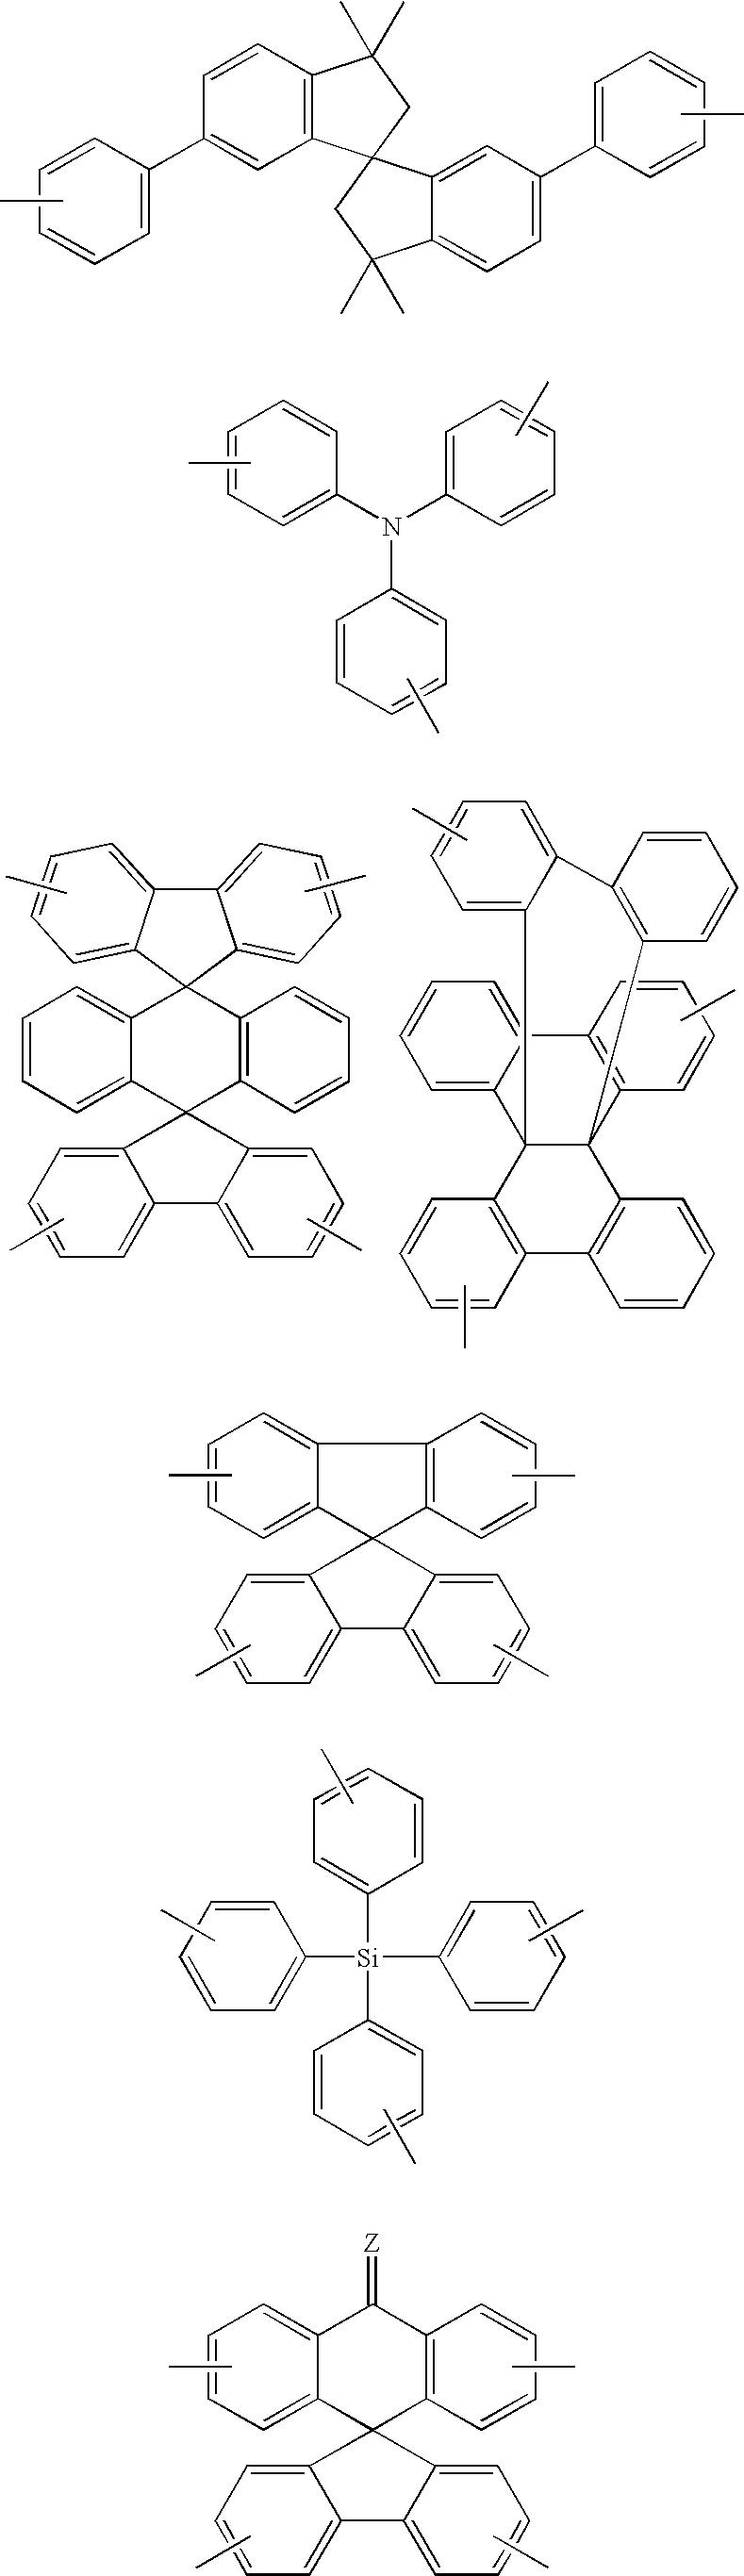 Figure US20090115316A1-20090507-C00032